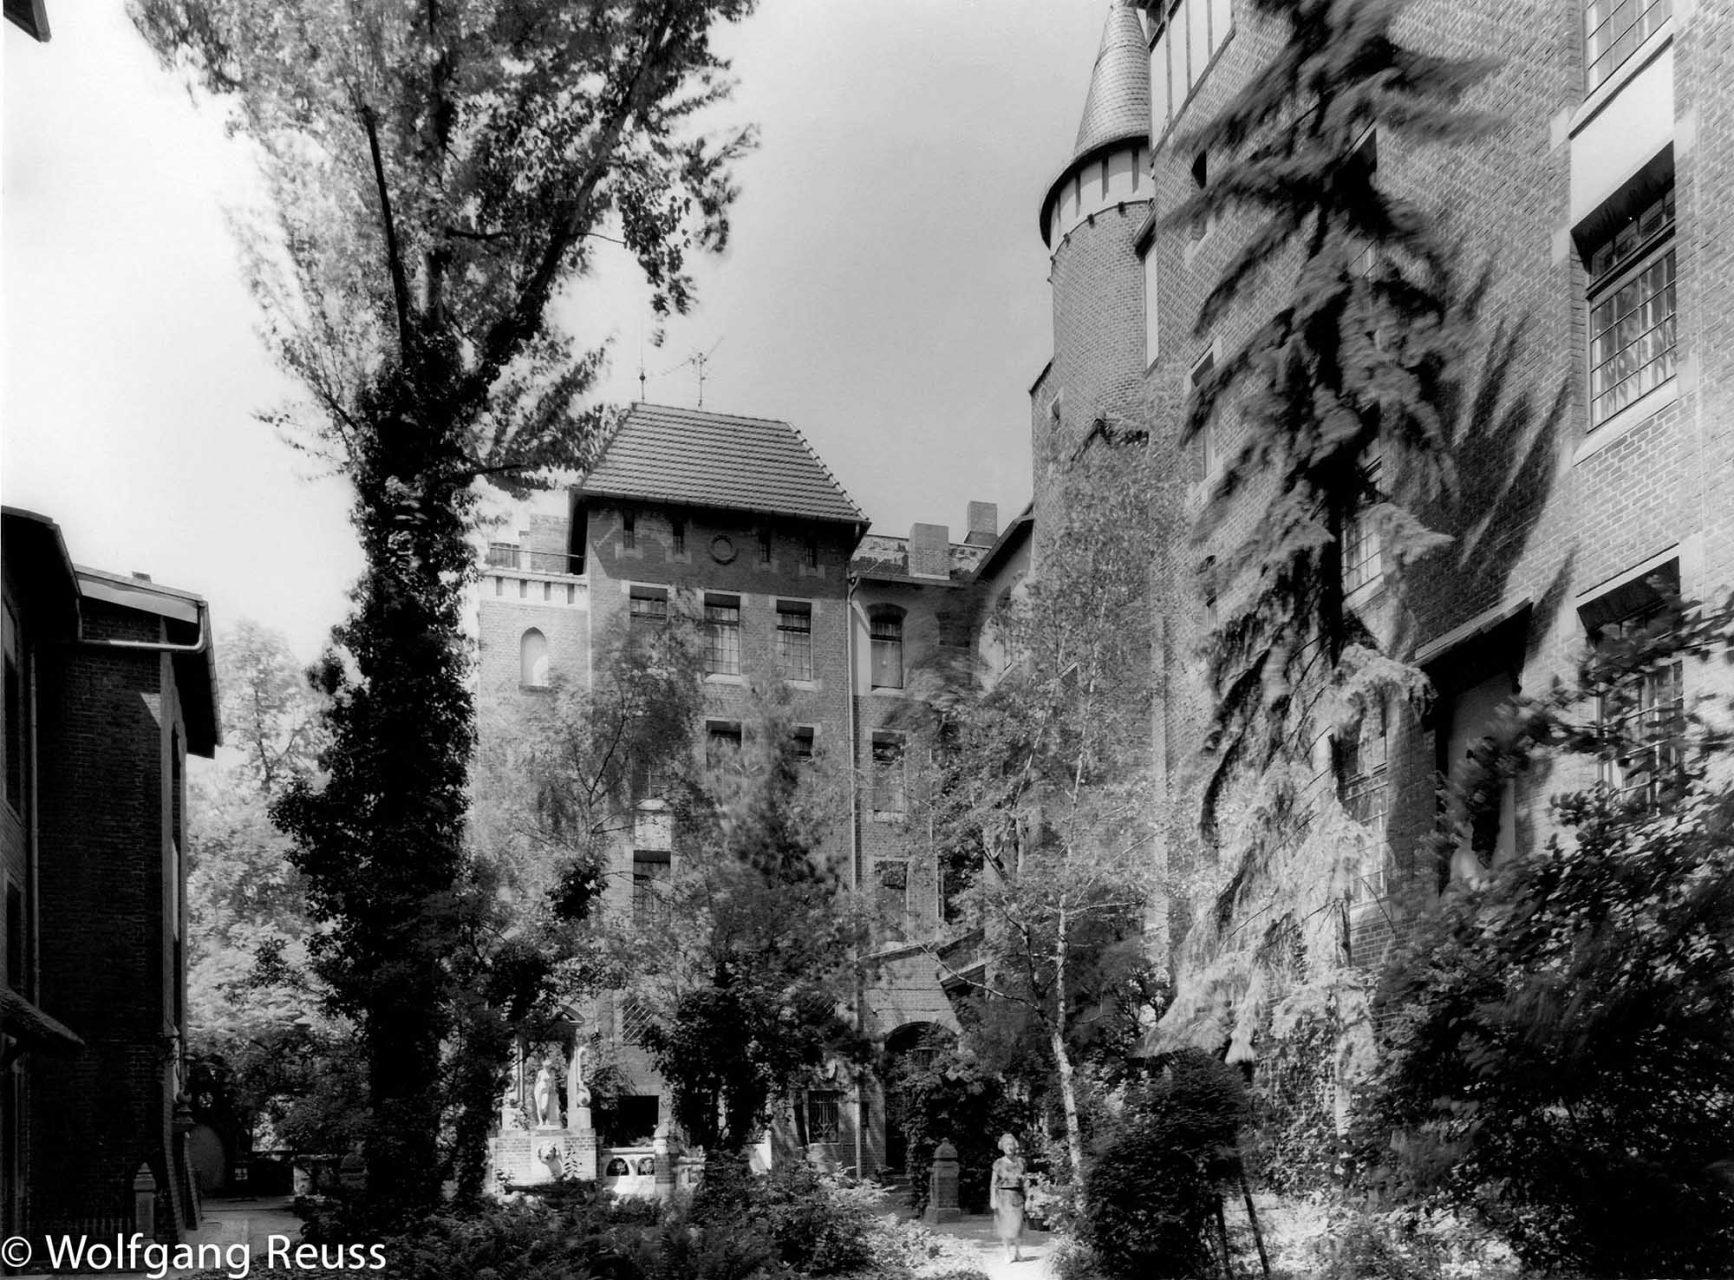 Künstlerhaus zum St. Lukas an der Fasanenstraße. Bauten des Historismus, zweite Hälfte des 19 Jahrhunderts.